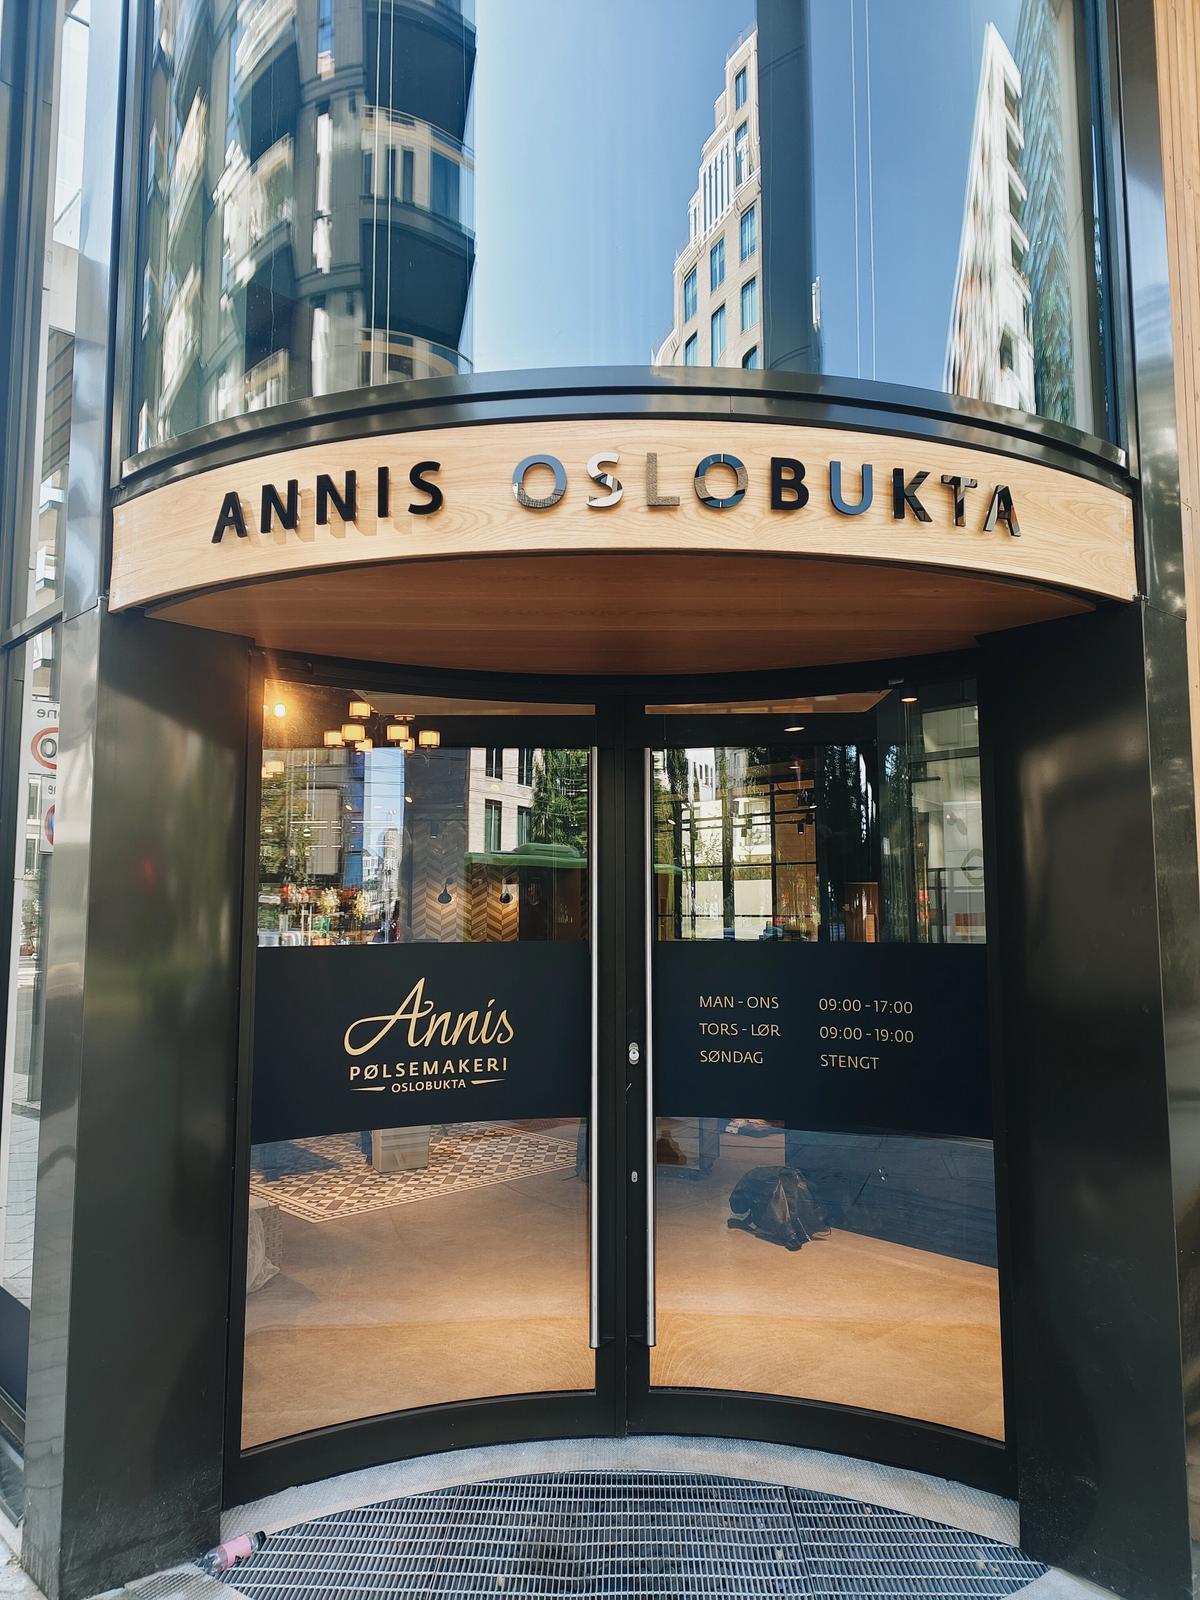 Endelig: Annis Oslobukta er åpent